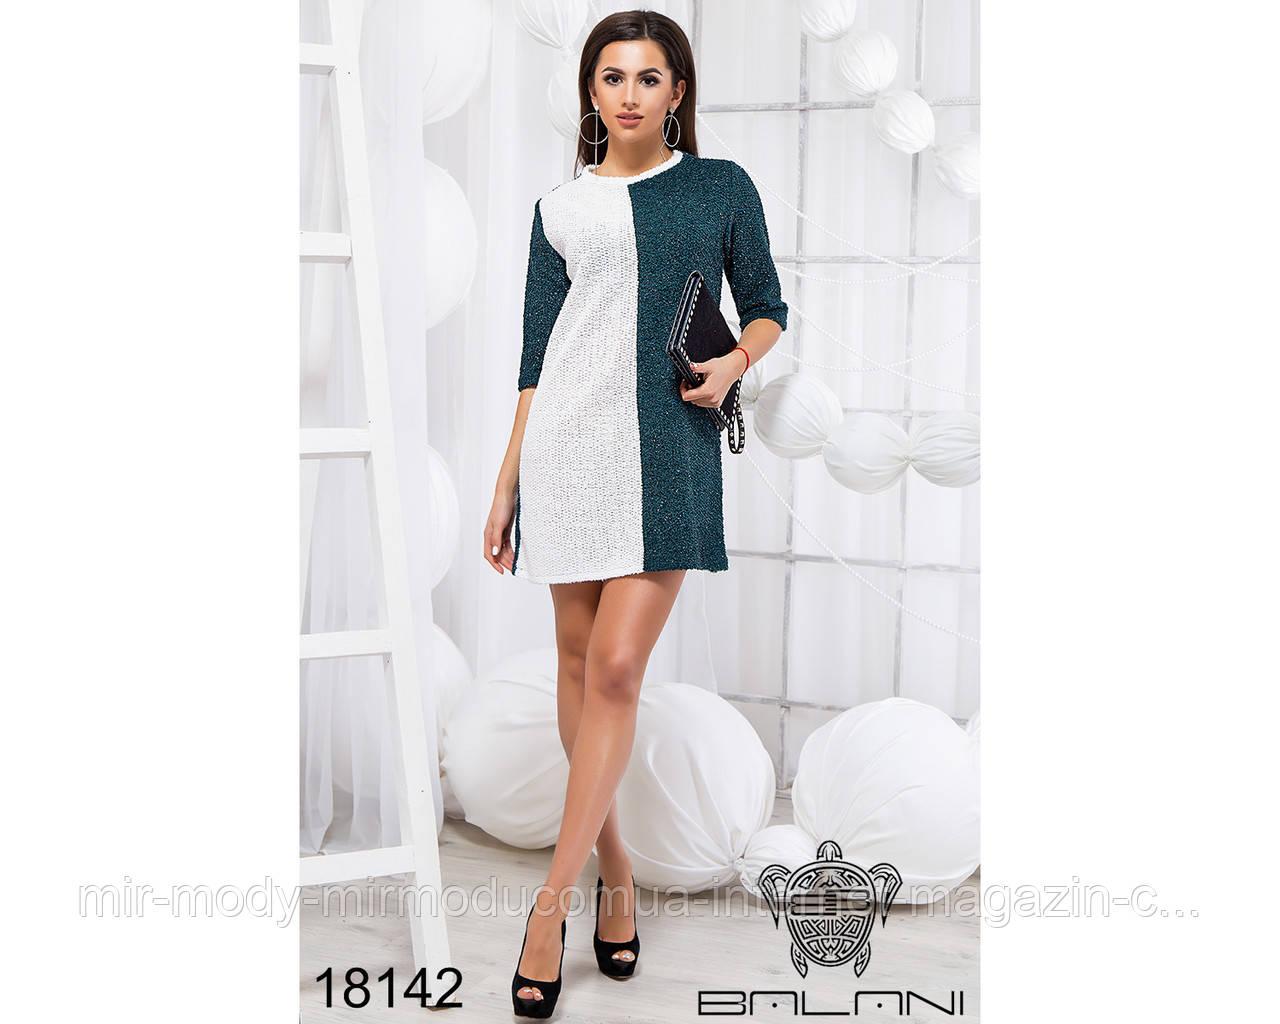 Короткое вязаное платье - 18142(б-ни)